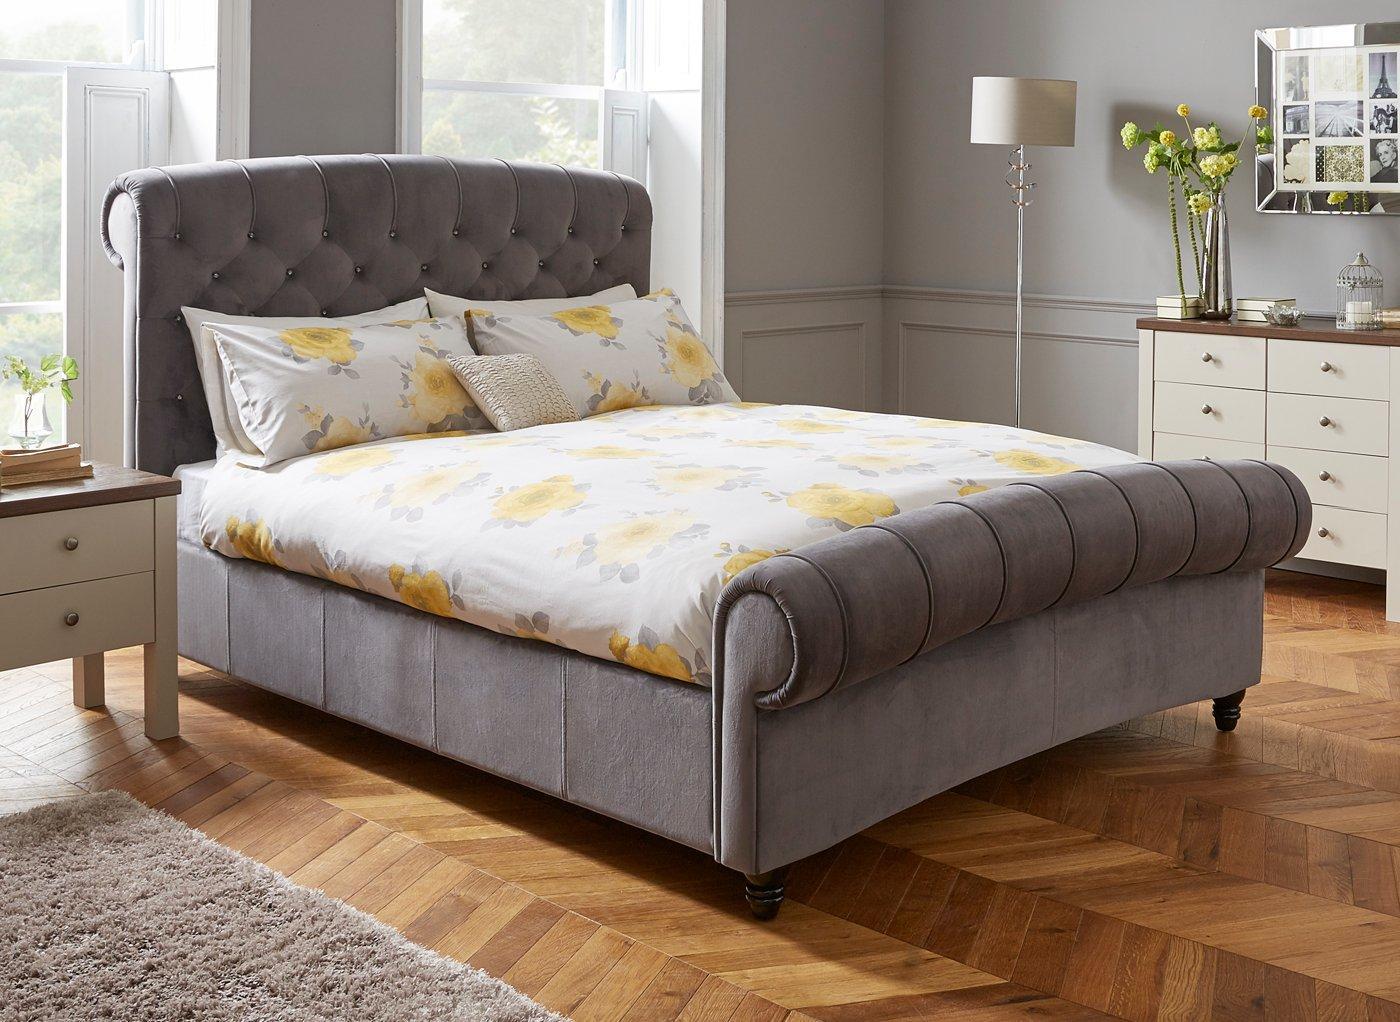 Ellis Upholstered Bed All Beds Beds Dreams